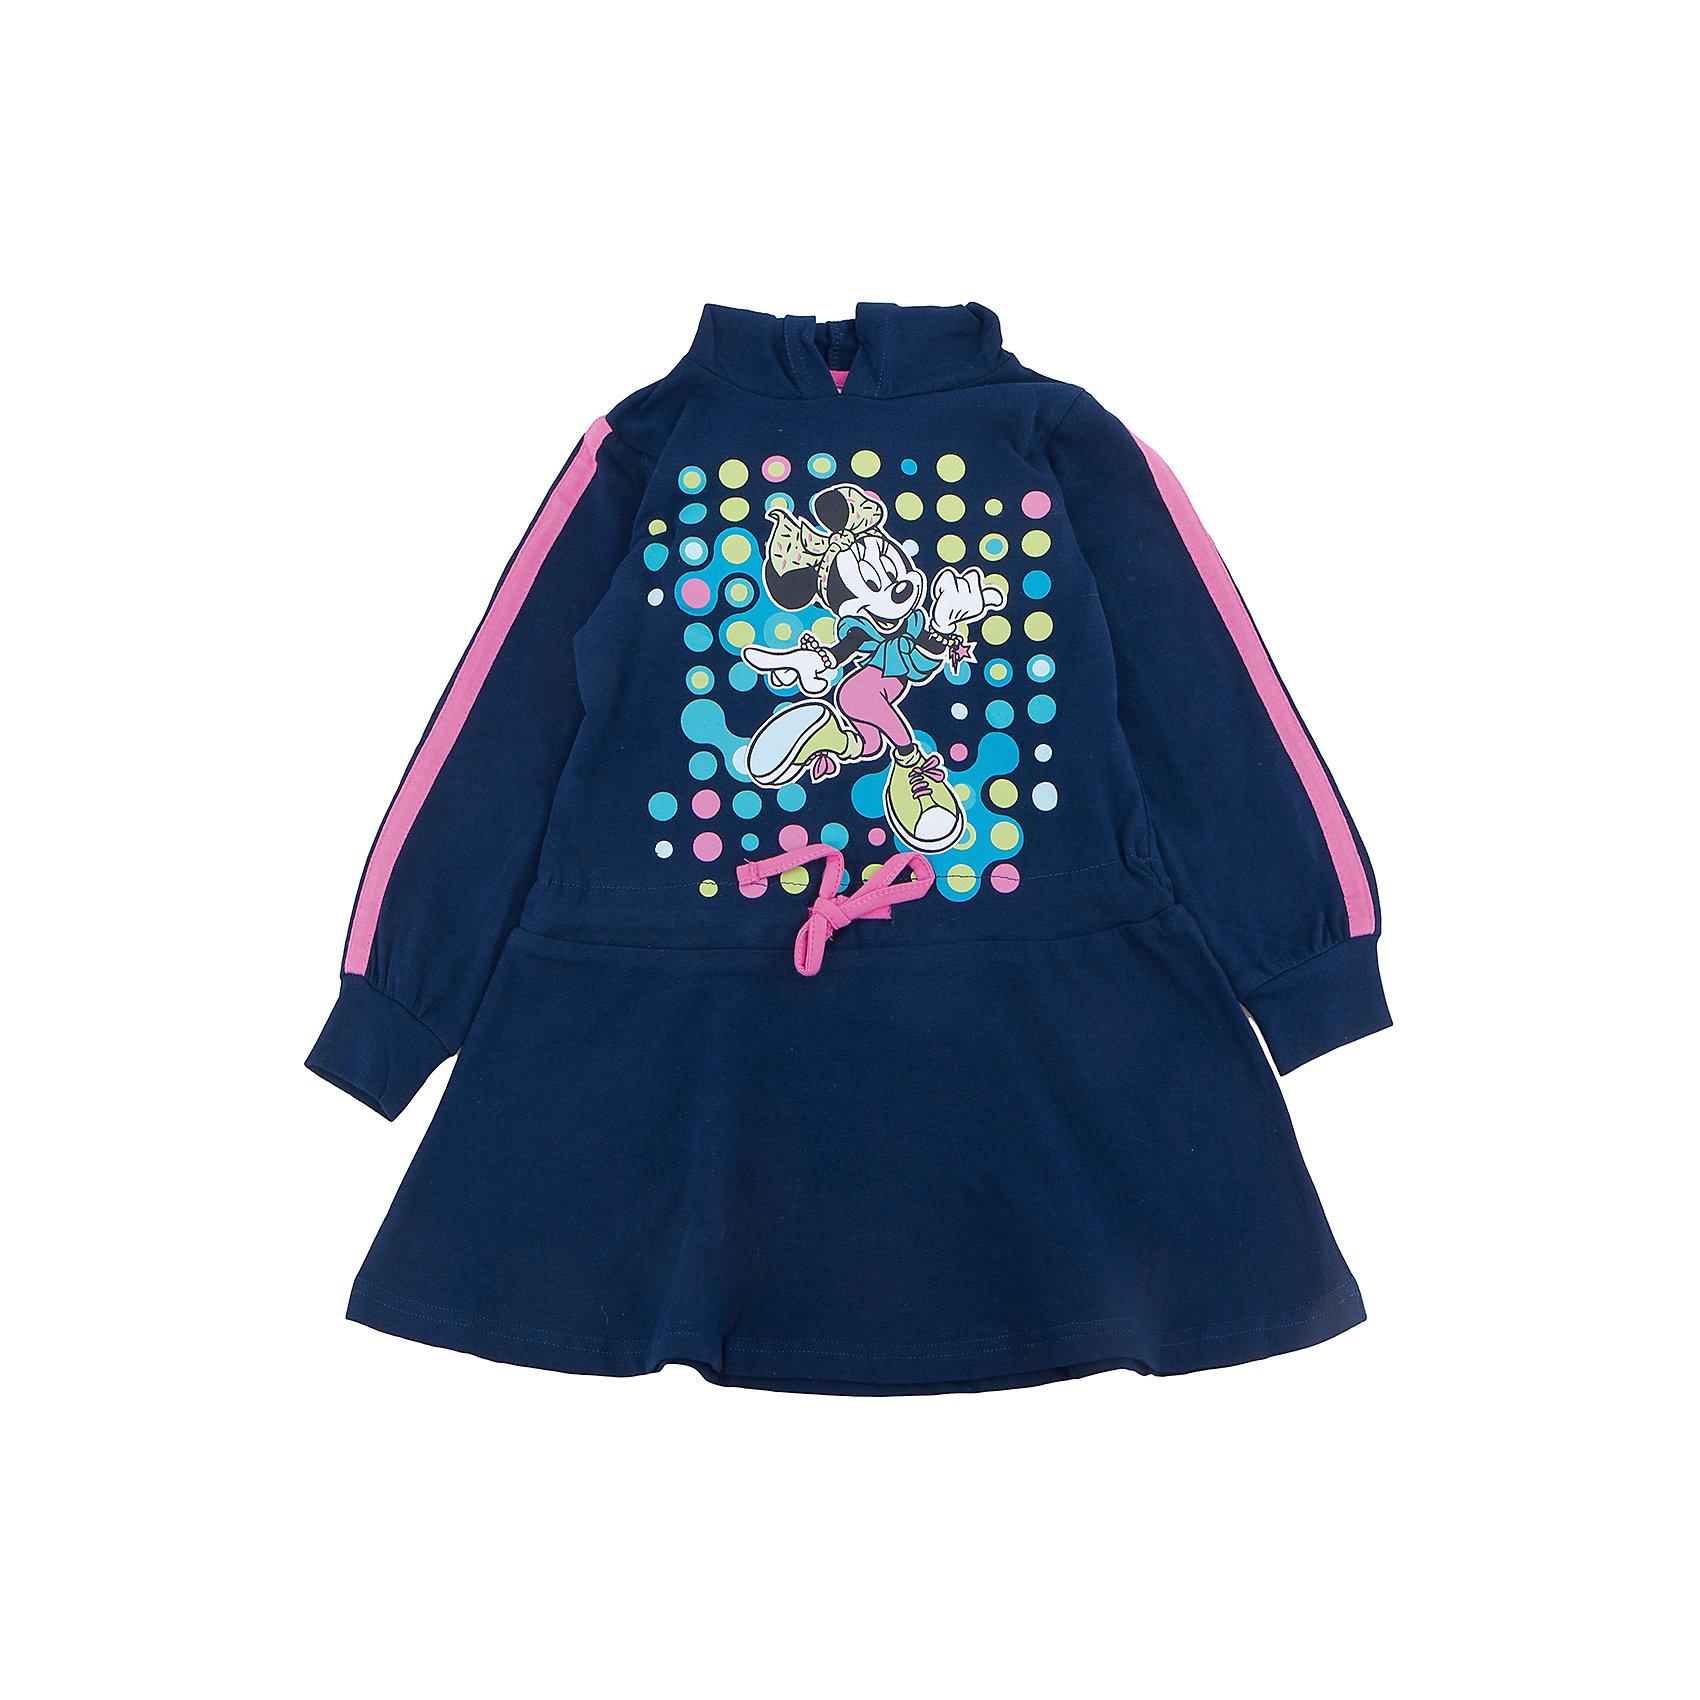 Платье для девочки PlayTodayПлатья и сарафаны<br>Характеристики товара:<br><br>• цвет: синий<br>• состав: 95% хлопок, 5% эластан<br>• декорировано принтом<br>• мягкий трикотаж<br>• дышащий материал<br>• с длинным рукавом<br>• принт<br>• комфортная посадка<br>• коллекция: весна-лето 2017<br>• страна бренда: Германия<br>• страна производства: Китай<br><br>Популярный бренд PlayToday выпустил новую коллекцию! Вещи из неё продолжают радовать покупателей удобством, стильным дизайном и продуманным кроем. Дети носят их с удовольствием. PlayToday - это линейка товаров, созданная специально для детей. Дизайнеры учитывают новые веяния моды и потребности детей. Порадуйте ребенка обновкой от проверенного производителя!<br>Такая стильная модель обеспечит ребенку комфорт благодаря качественному материалу и продуманному крою. С помощью неё можно удобно одеться по погоде. Очень модная вещь! Симпатично выглядит и долго служит.<br><br>Платье для девочки от известного бренда PlayToday можно купить в нашем интернет-магазине.<br><br>Ширина мм: 236<br>Глубина мм: 16<br>Высота мм: 184<br>Вес г: 177<br>Цвет: белый<br>Возраст от месяцев: 108<br>Возраст до месяцев: 120<br>Пол: Женский<br>Возраст: Детский<br>Размер: 140,98,104,110,116,122,128,134<br>SKU: 5405037